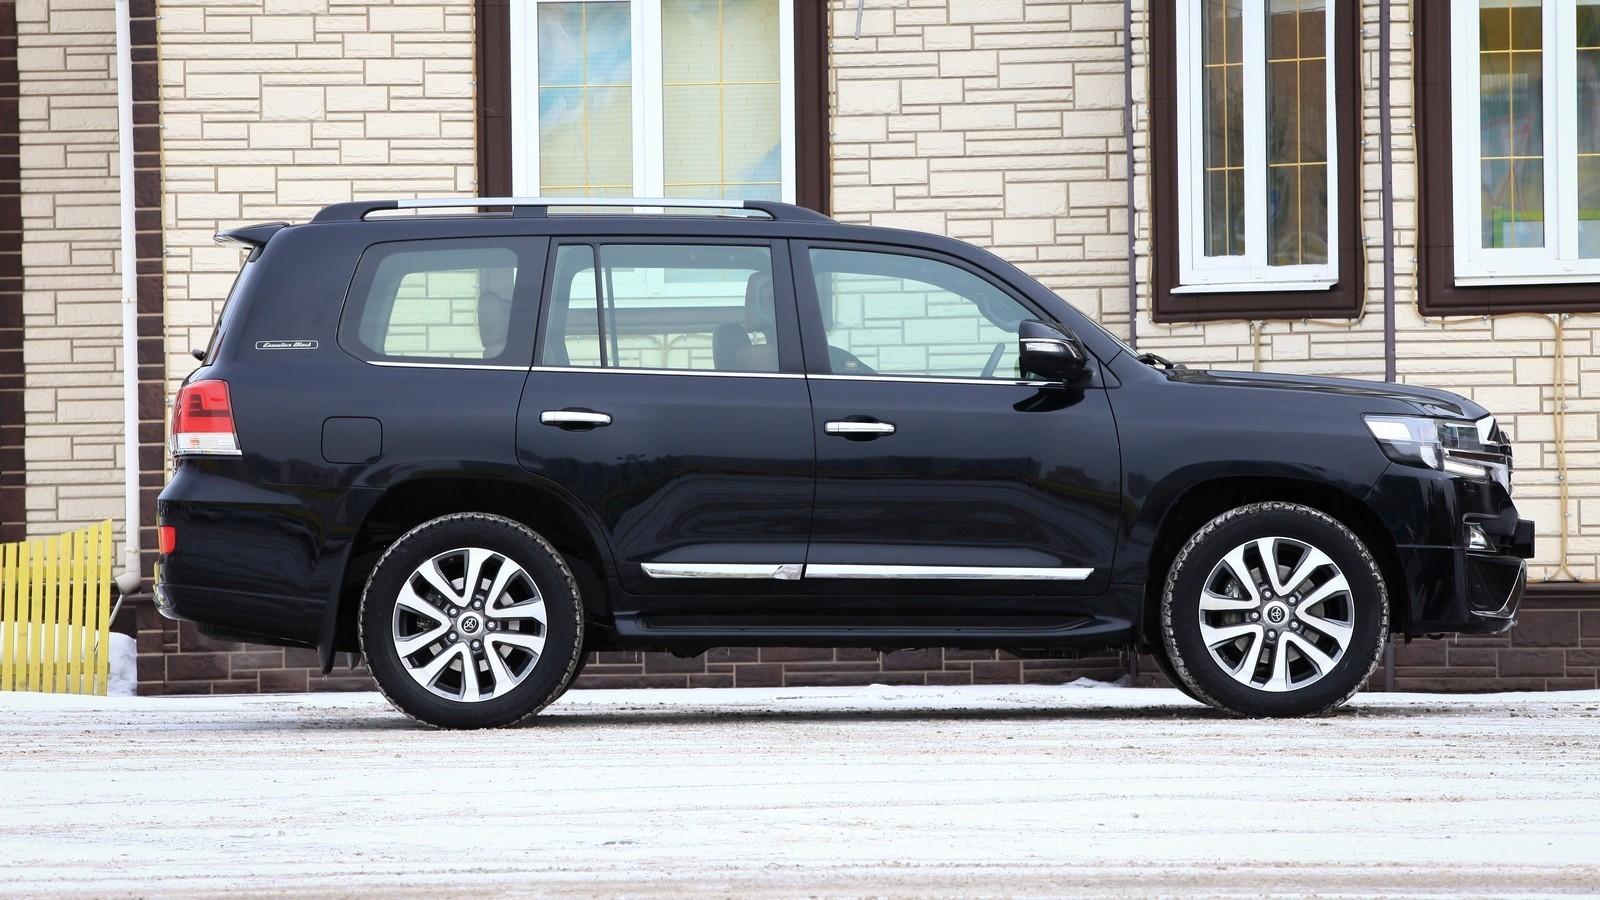 Назван самый продаваемый дизельный автомобиль в России